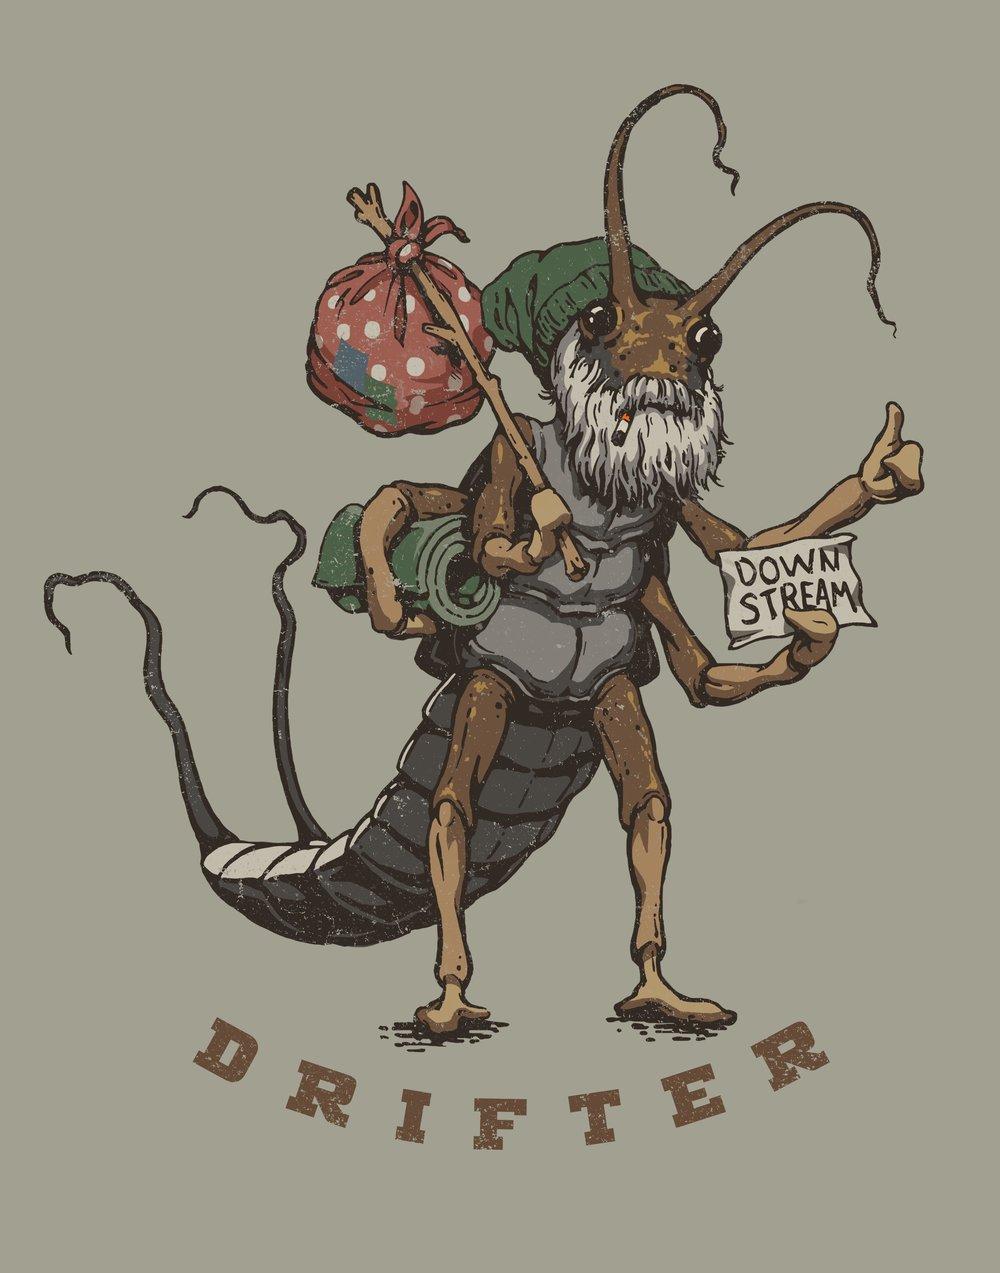 Drifter_webimage.jpg